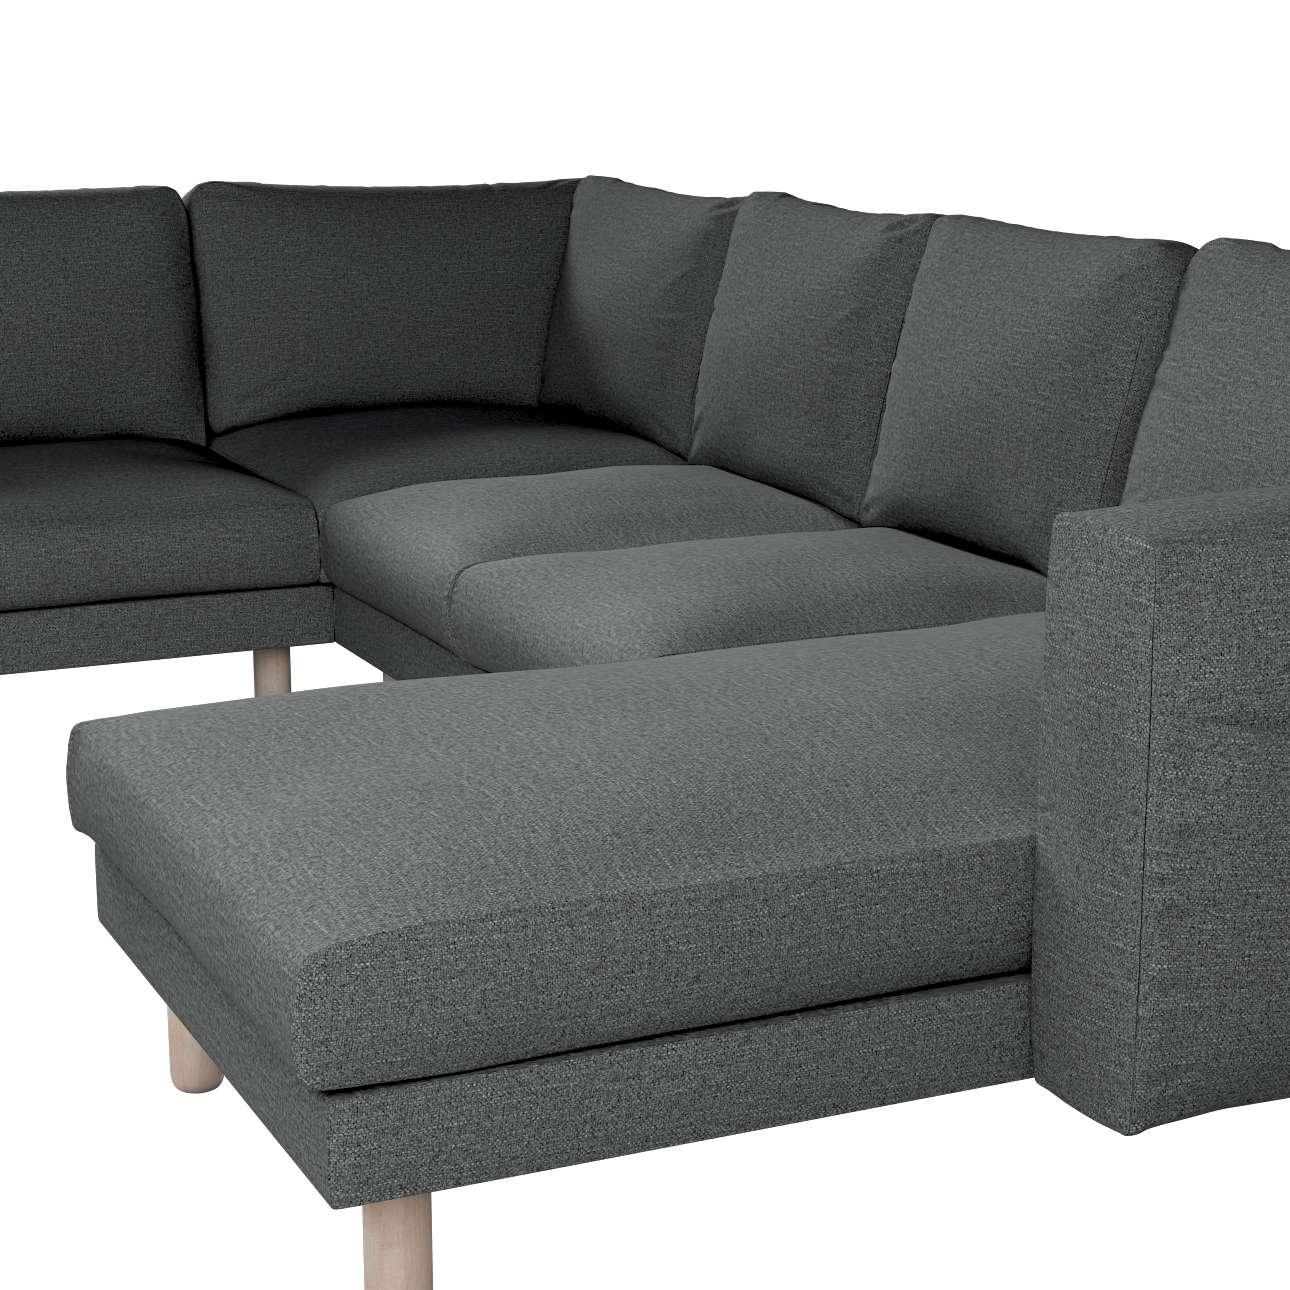 Pokrowiec na sofę narożną Norsborg 5-osobową z szezlongiem w kolekcji Madrid, tkanina: 161-24